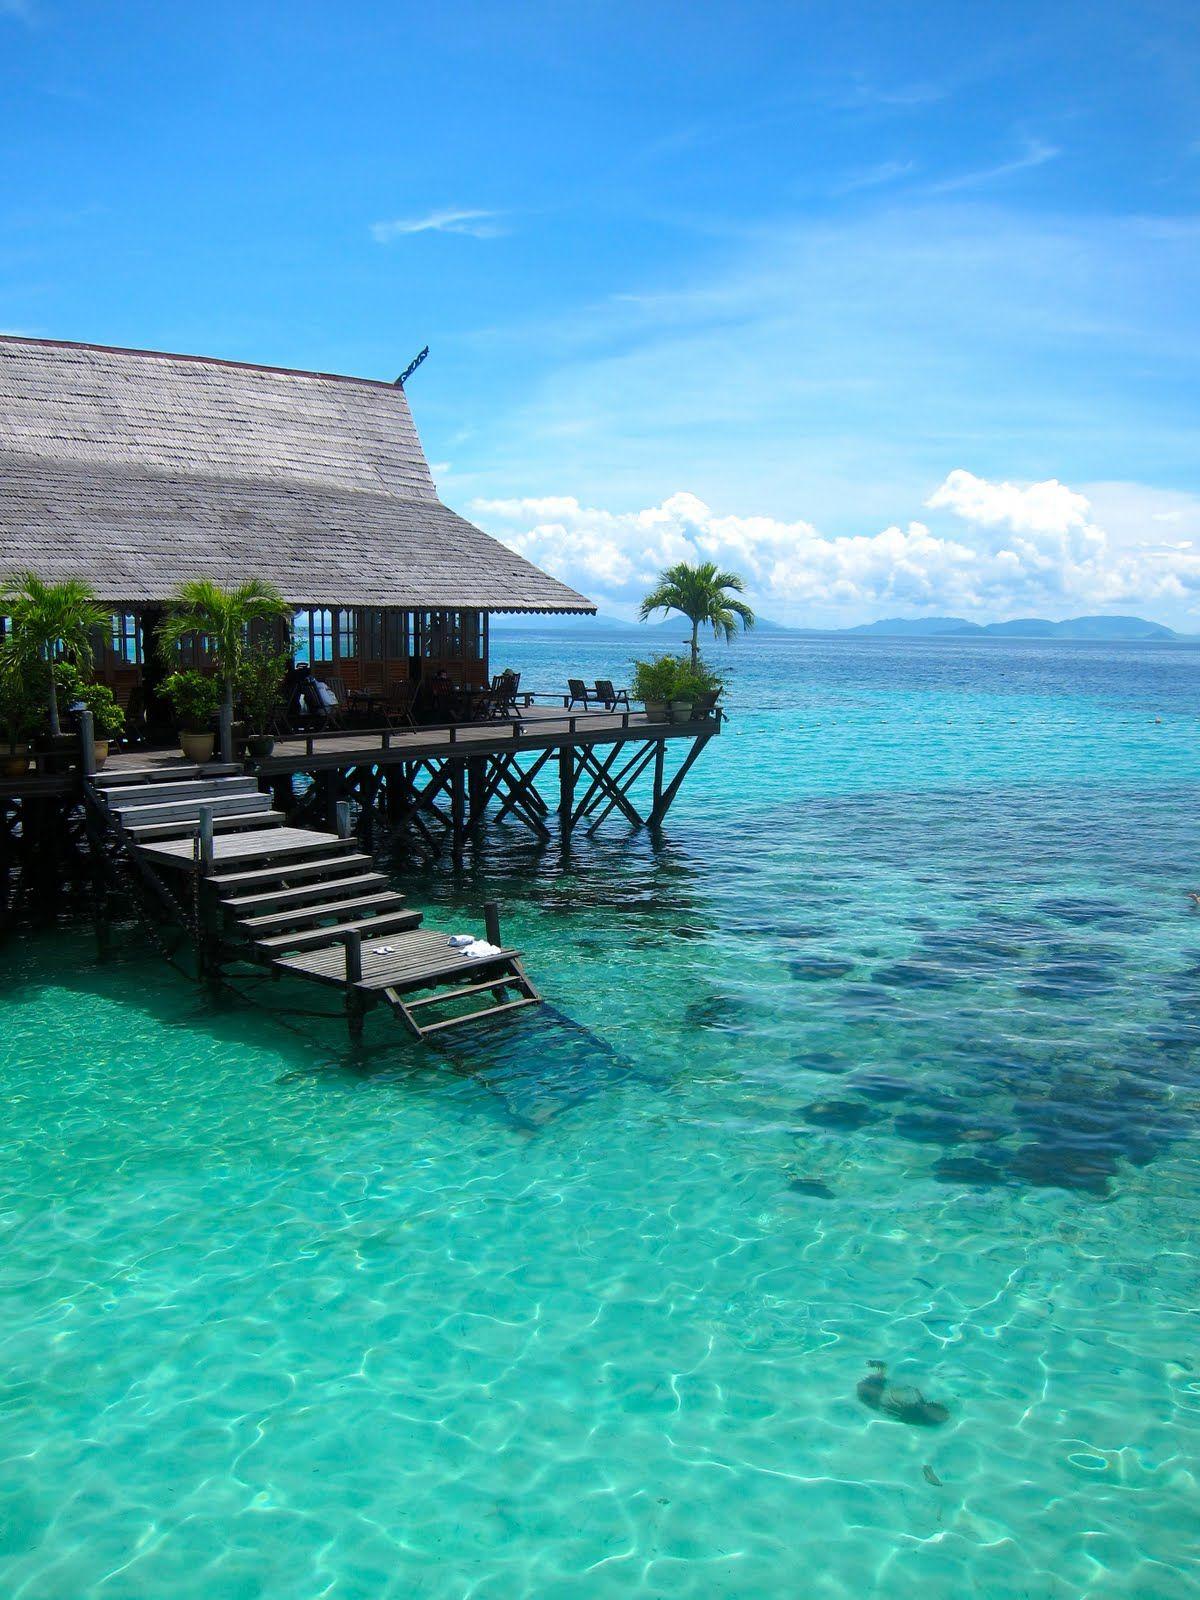 Sipadan kapalai dive resort malaysia borneo http - Sipadan dive resort ...